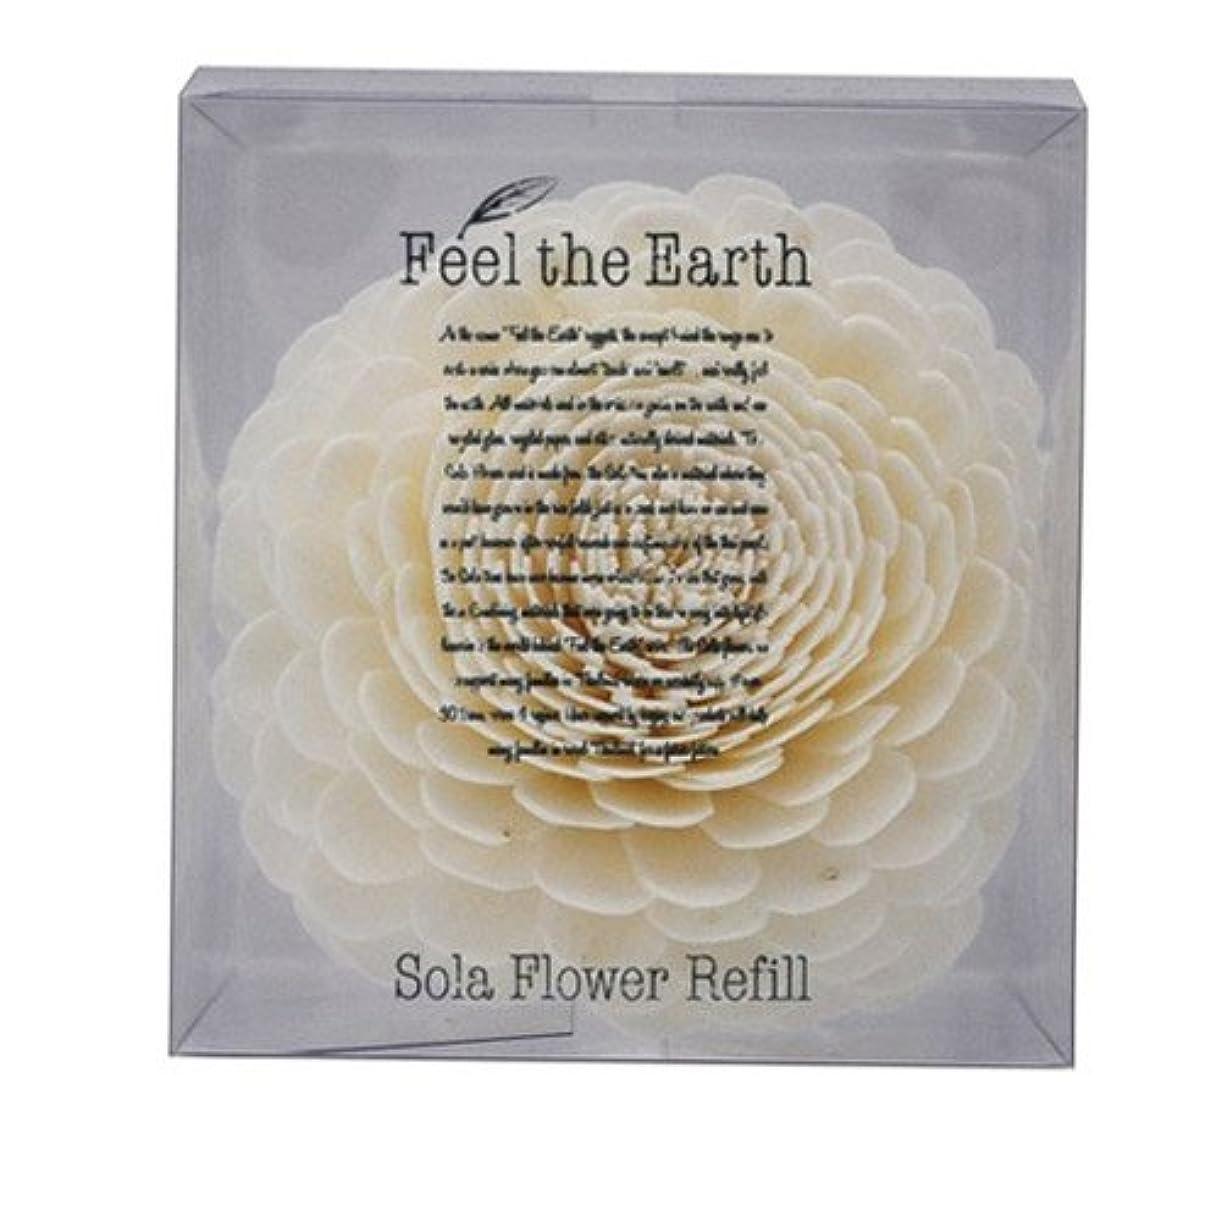 ホーン呼吸する正午FEEL THE EARTH ソラフラワー リフィル ダリア DAHLIA フィール ジ アース